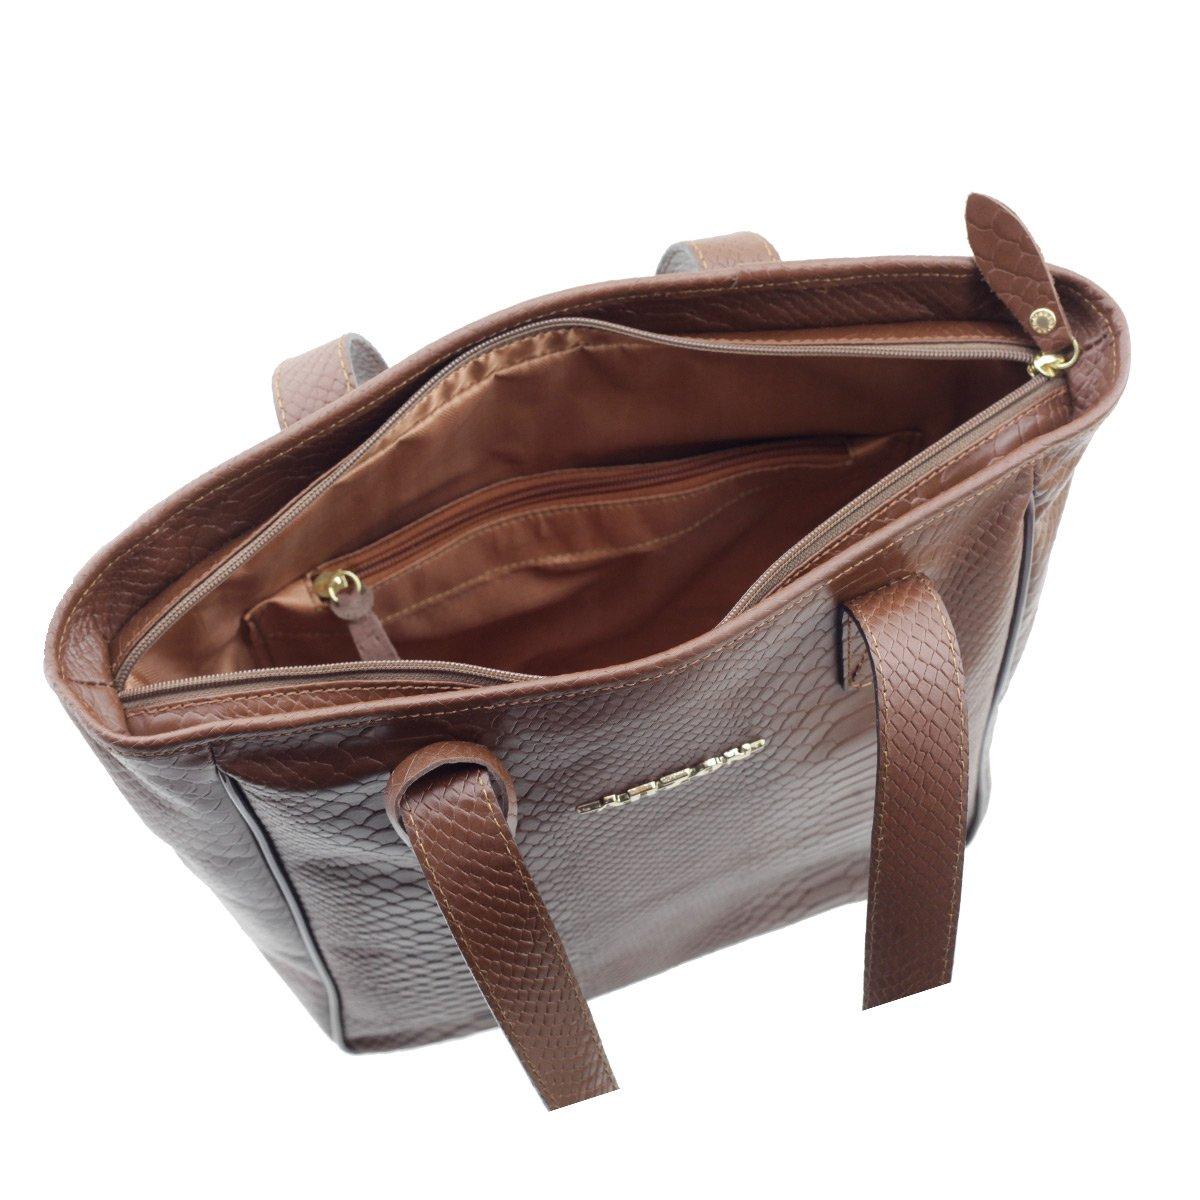 fb720463f ... Bolsa Sacola Couro Legítimo Chocolate - ARZON ...